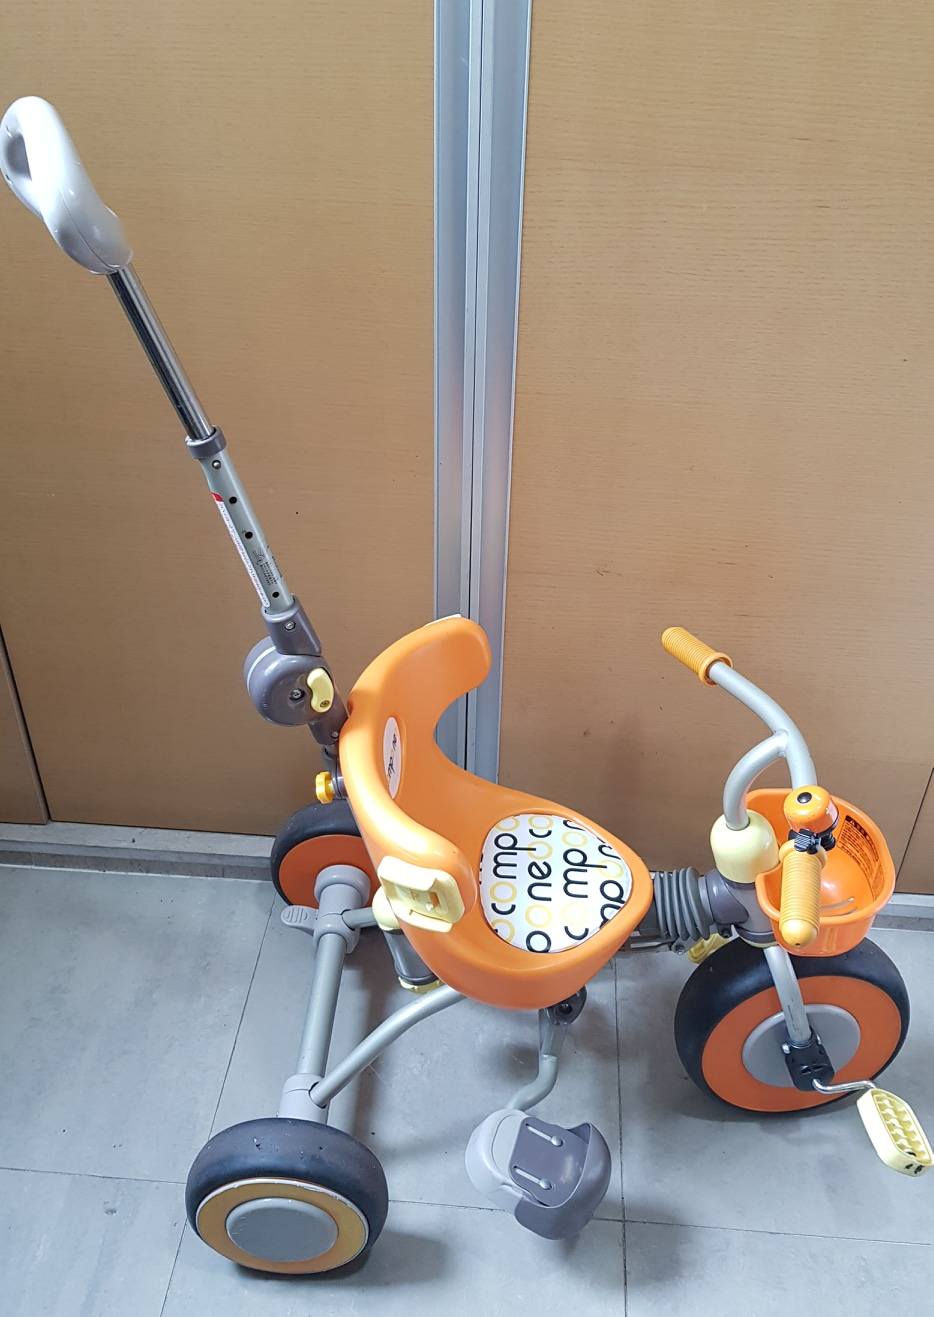 유아접이식자전거 컴포네오자전거